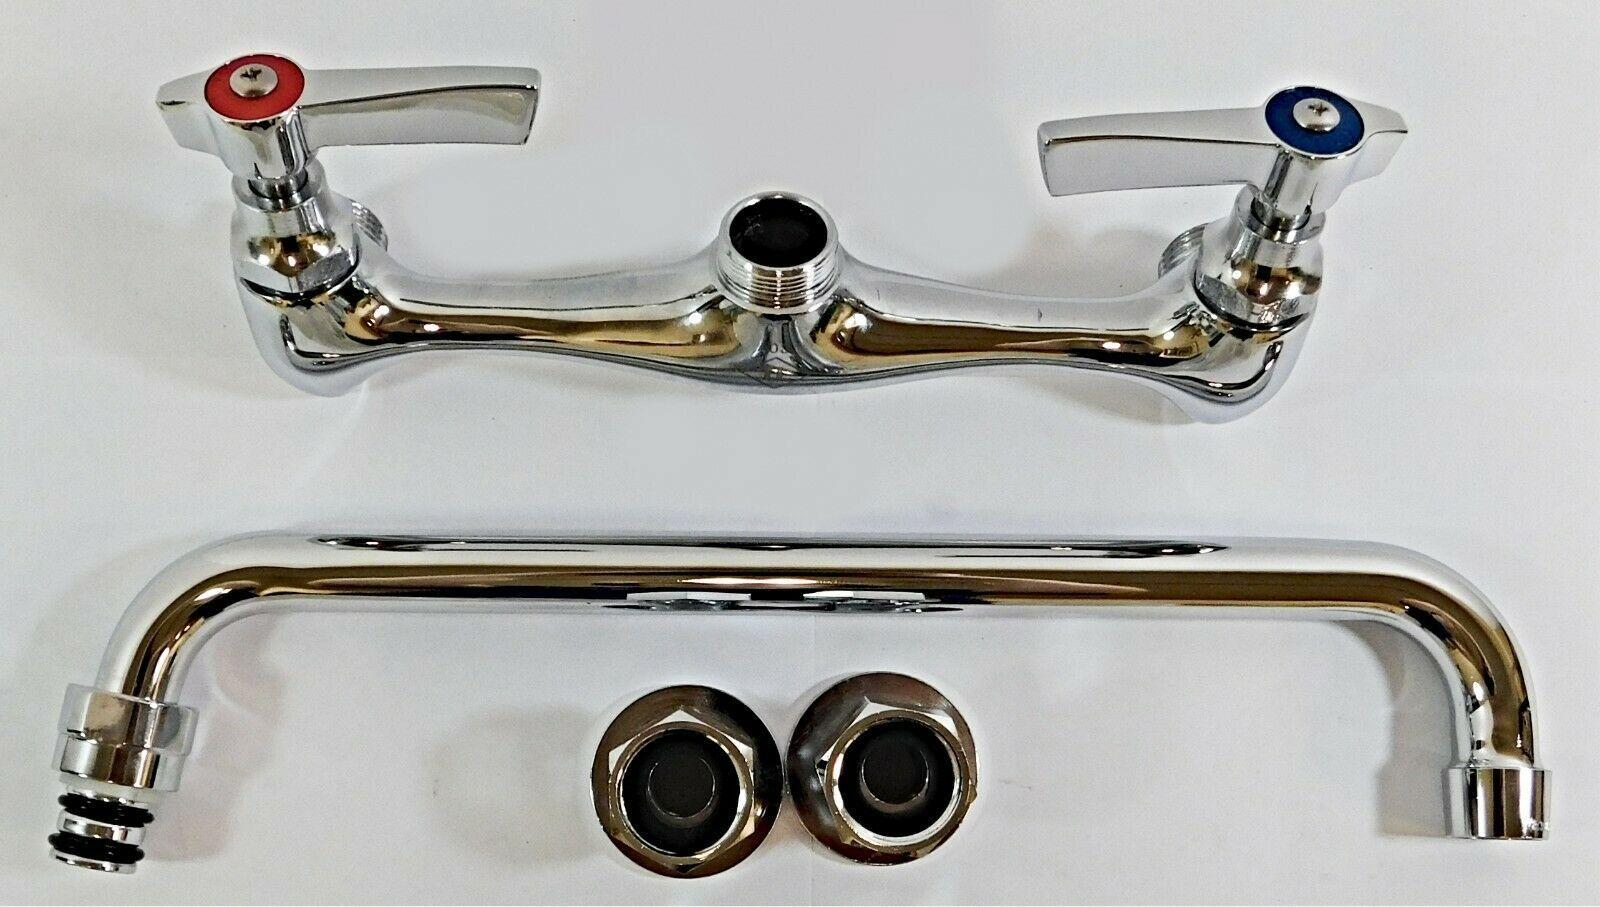 Topline Kitchen Splash Mounted Faucet 12 L Spout 2 Handles 1 2 Fnpt Kitchen Faucets Ideas Of Kitchen Kitchen Faucet Kitchen Faucets Pull Down Faucet